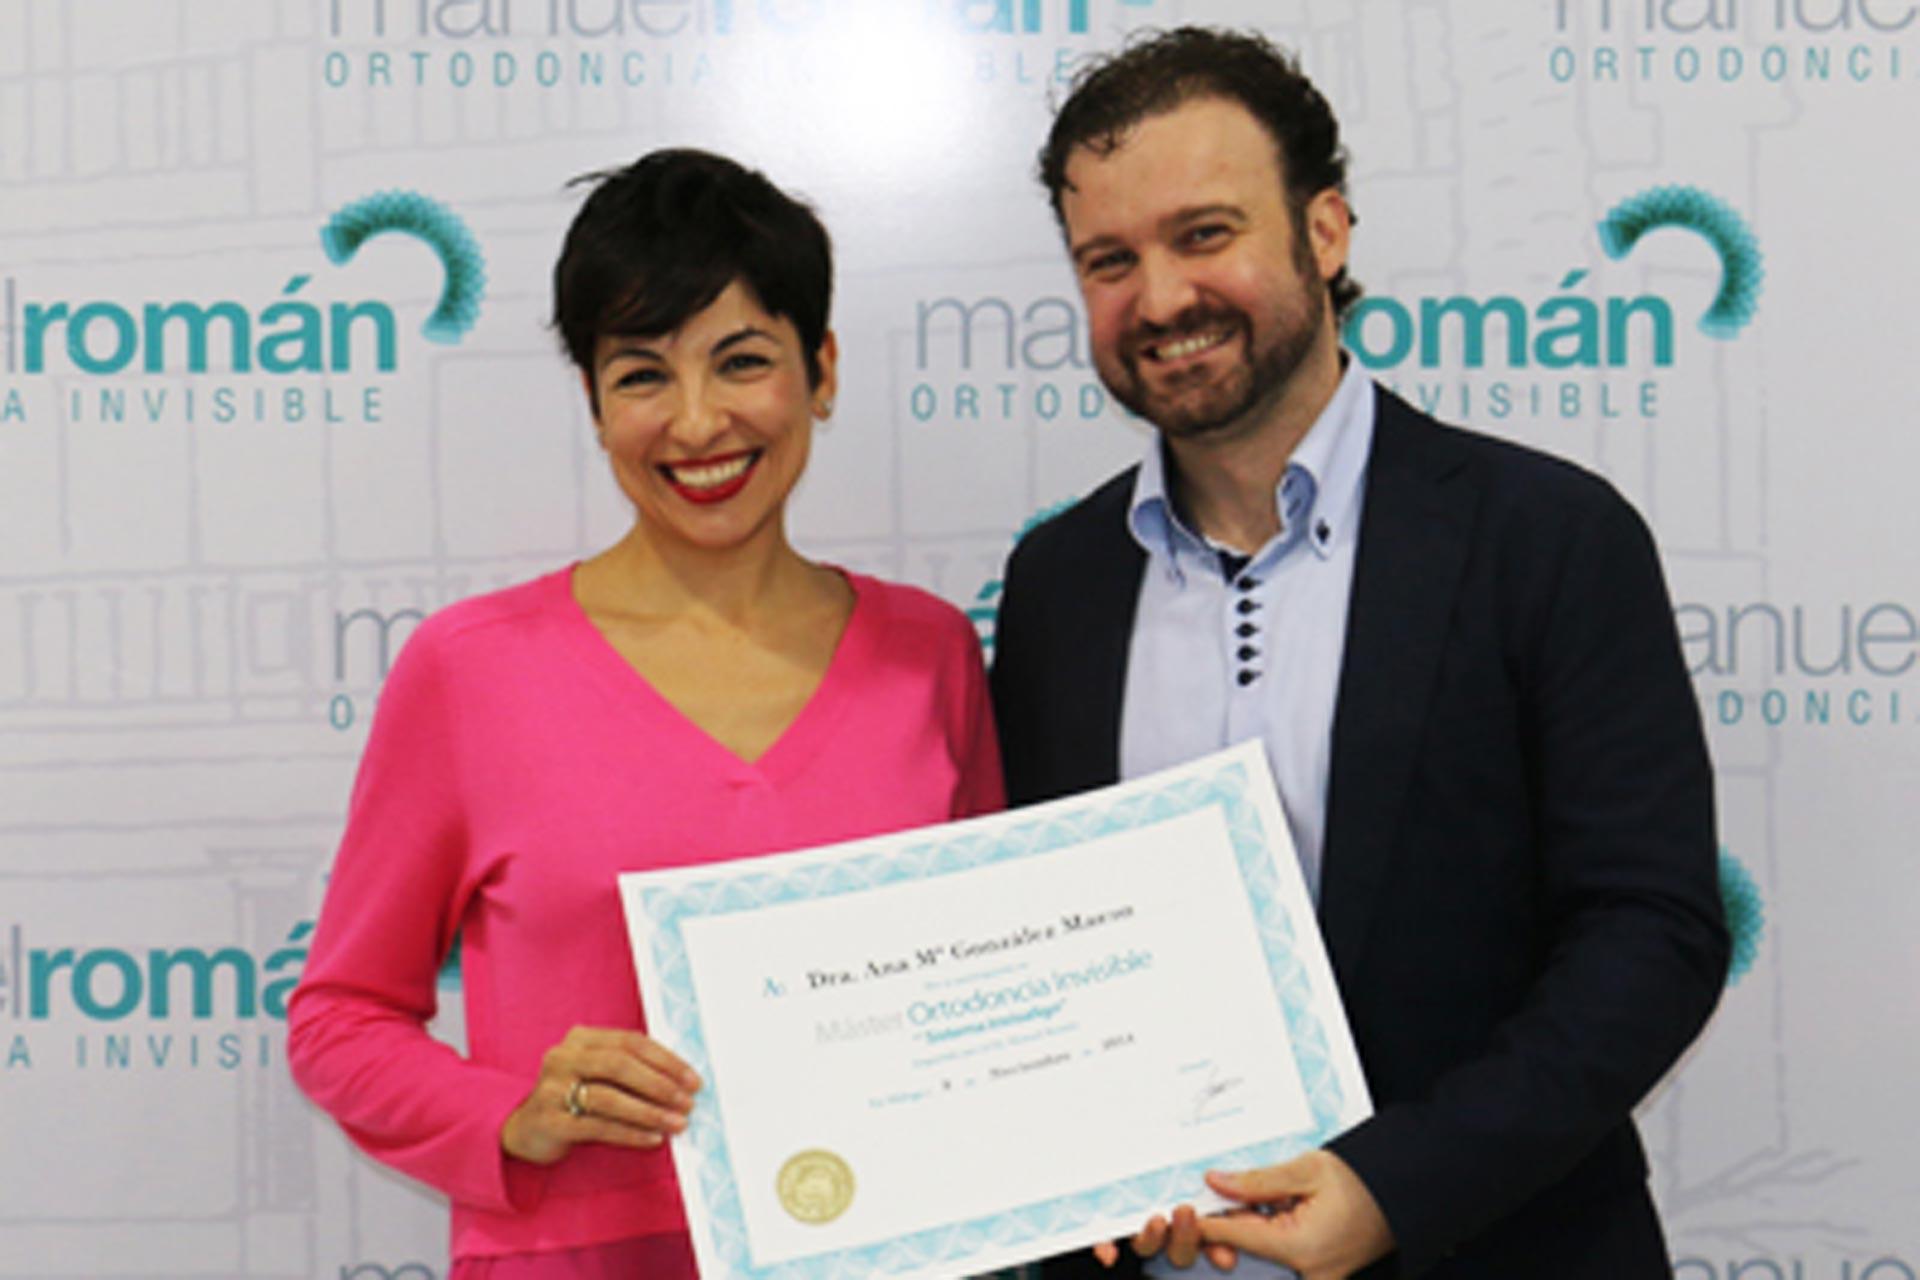 La Dra Gonzalez asiste a un master de ortodoncia